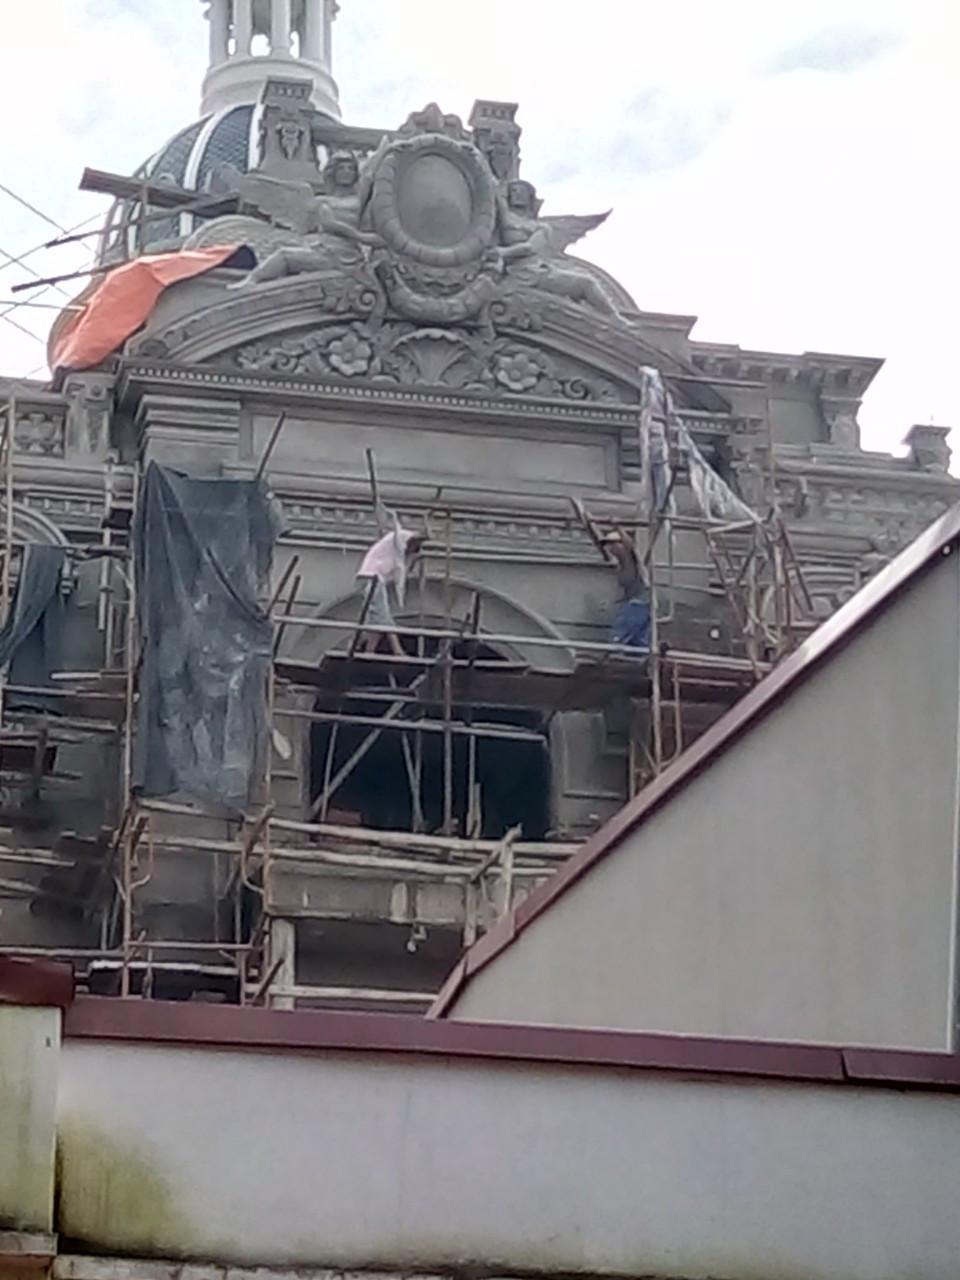 Xây nhà trọn gói công trình biệt thự cổ điển 4 tầng xa hoa tại Hà Nội – SH BTLD 0021 19